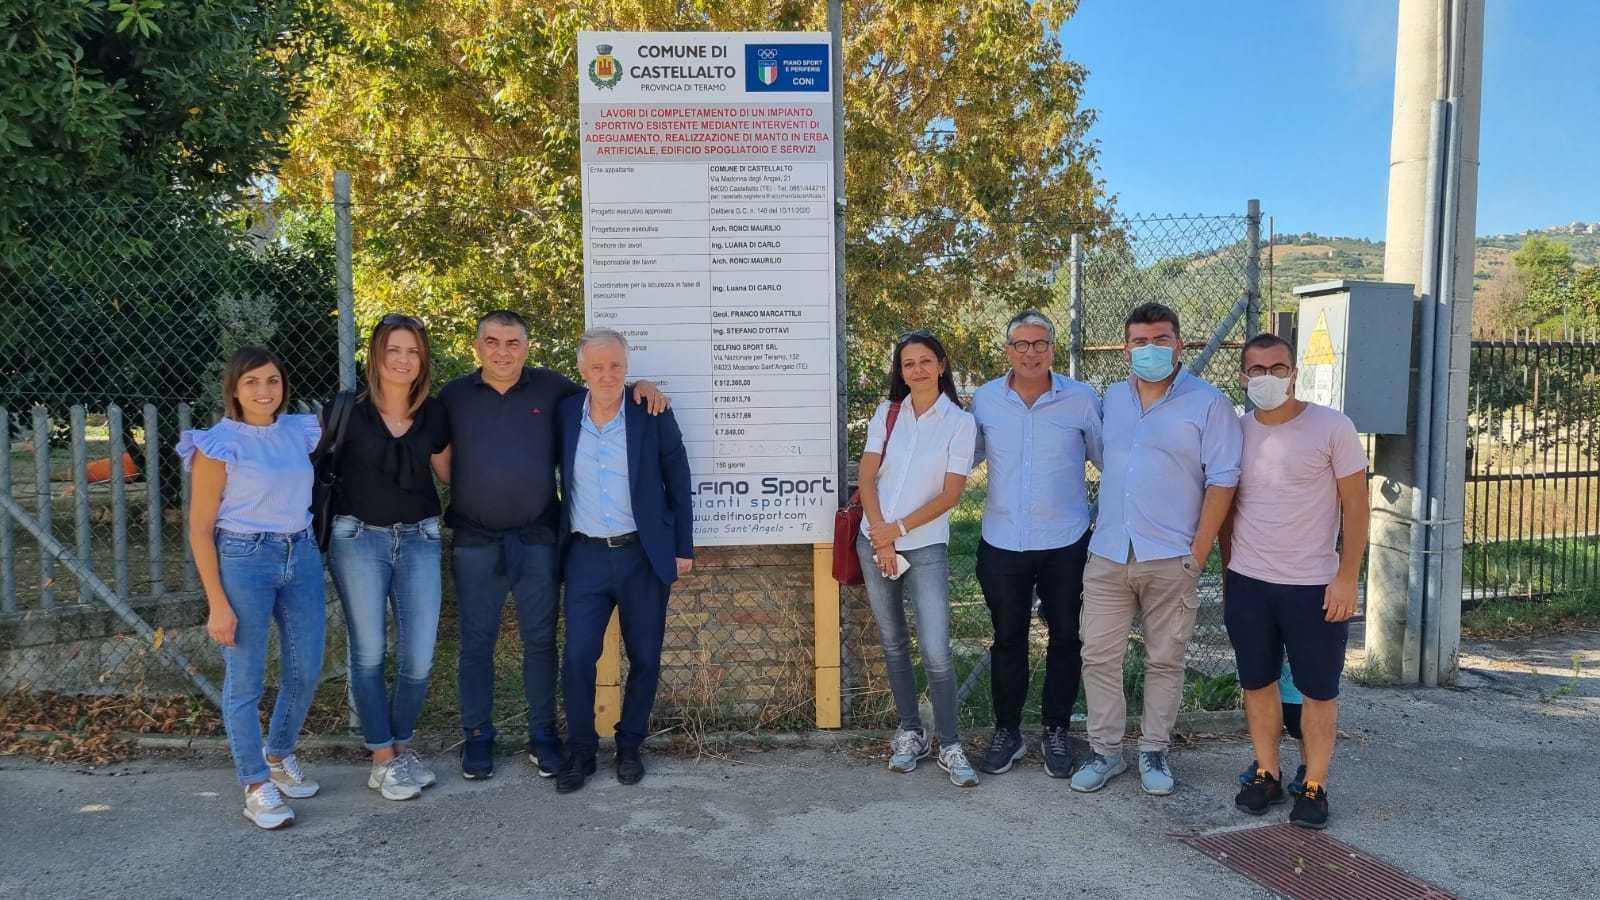 FOTO | Castellalto, consegnati i lavori di restyling del campo sportivo di Villa Torre